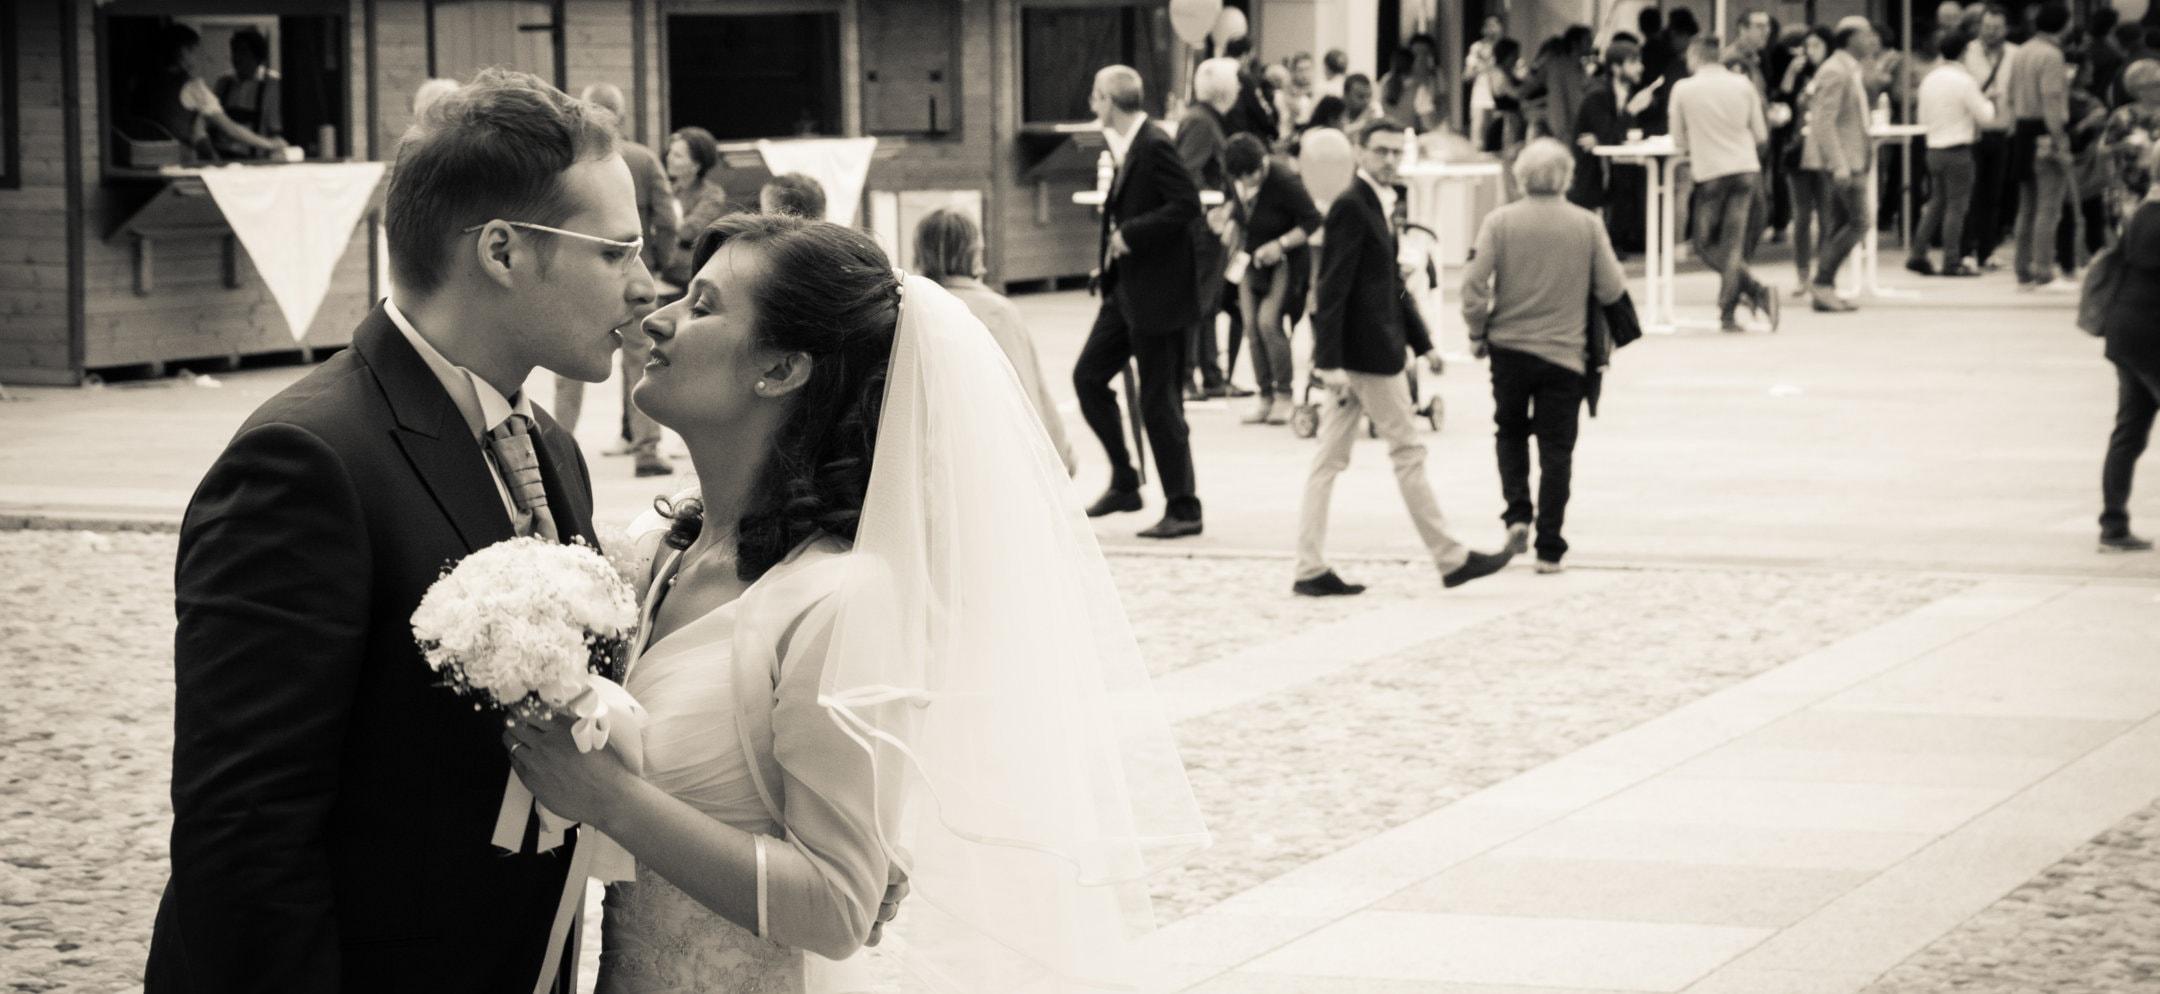 Ambra e Luca che si baciano al loro matrimonio